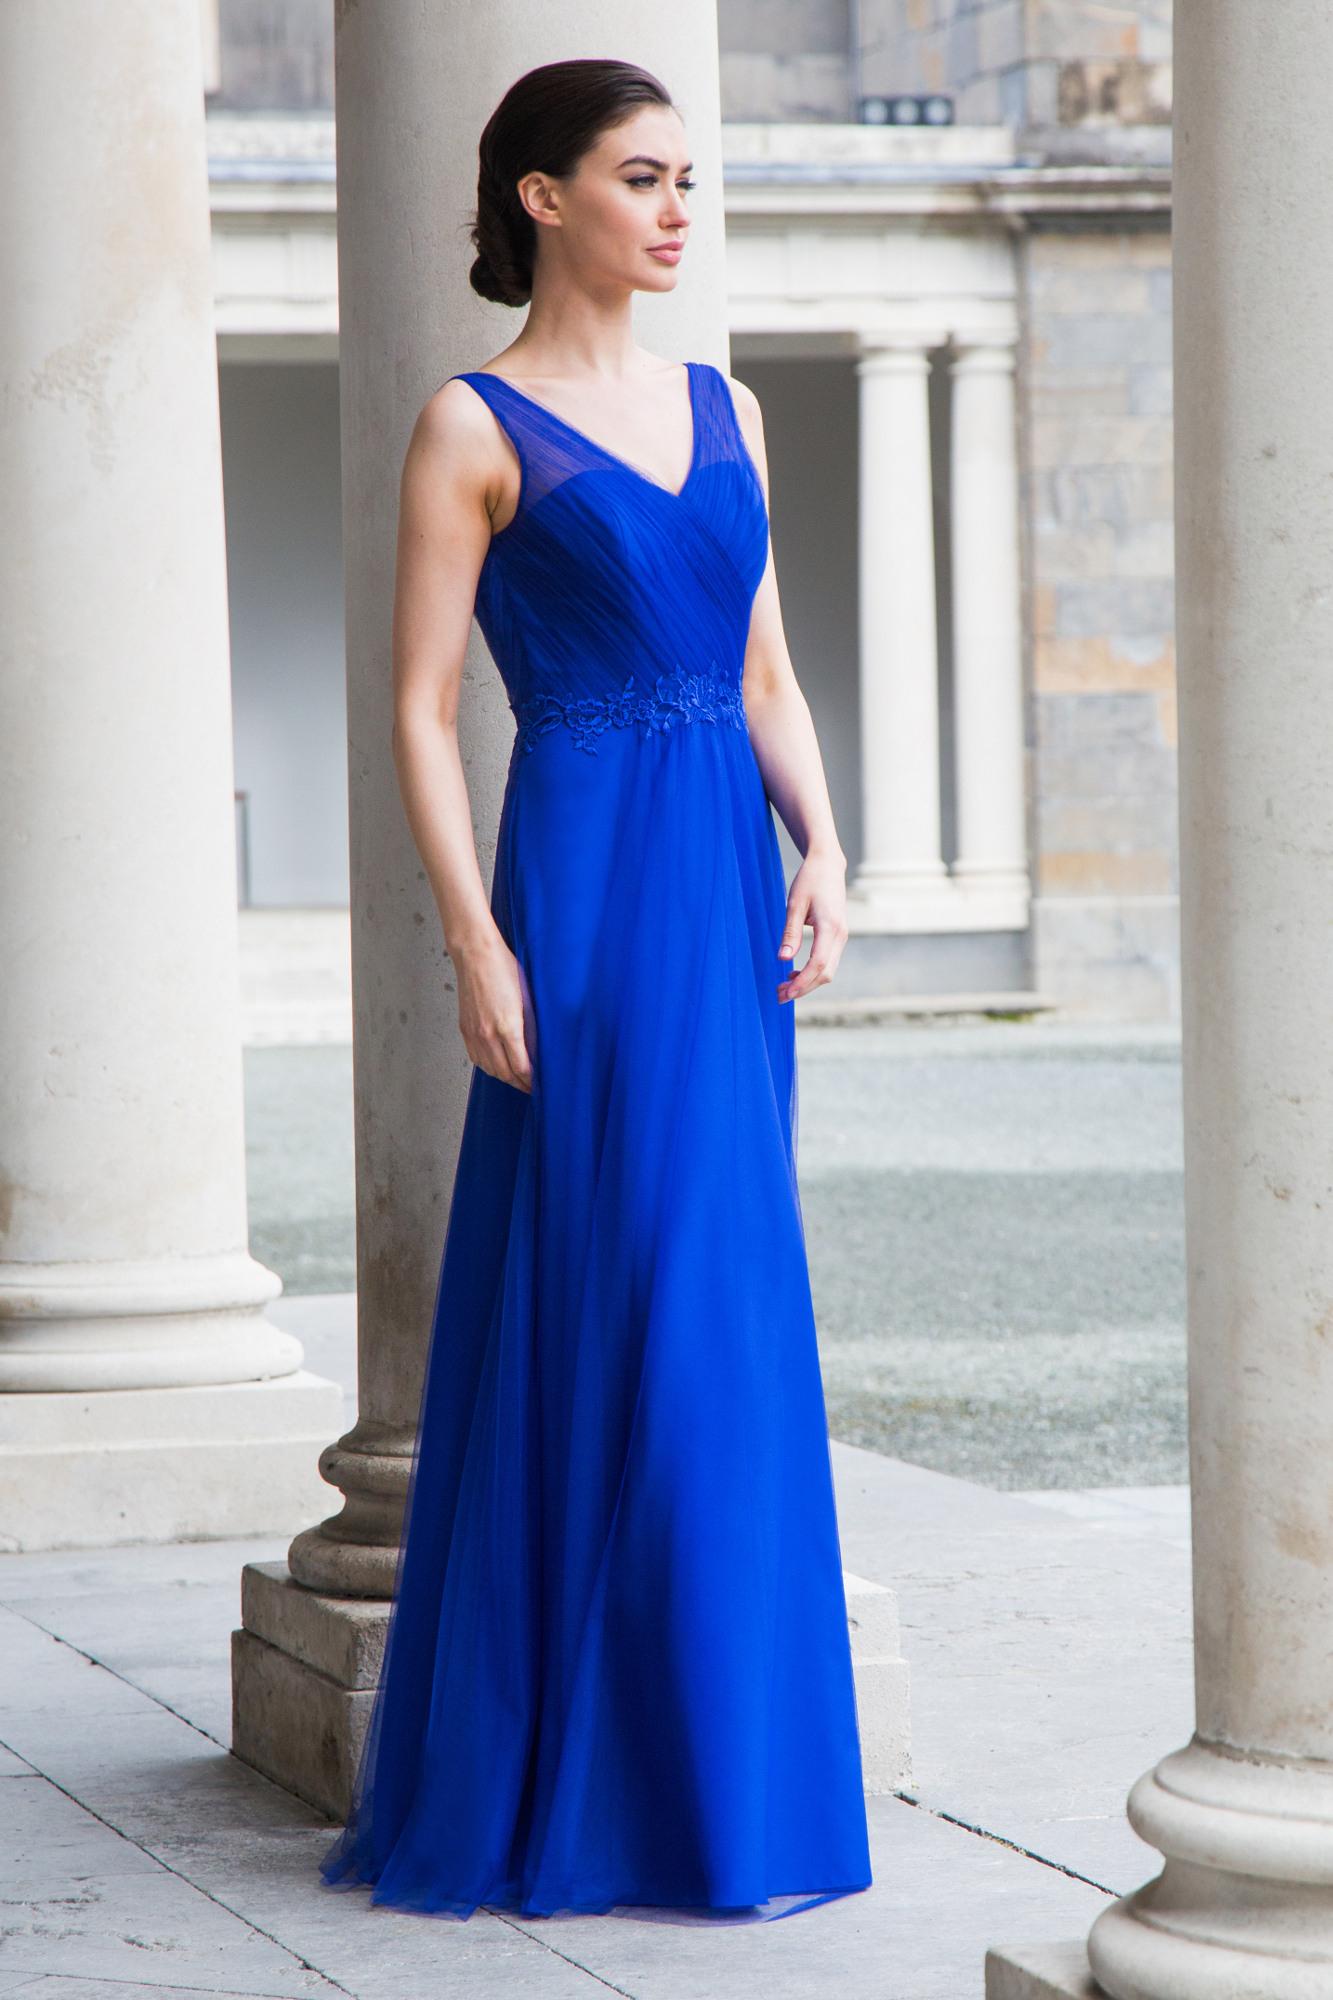 17 Spektakulär Abendkleid In Blau Boutique10 Einzigartig Abendkleid In Blau für 2019